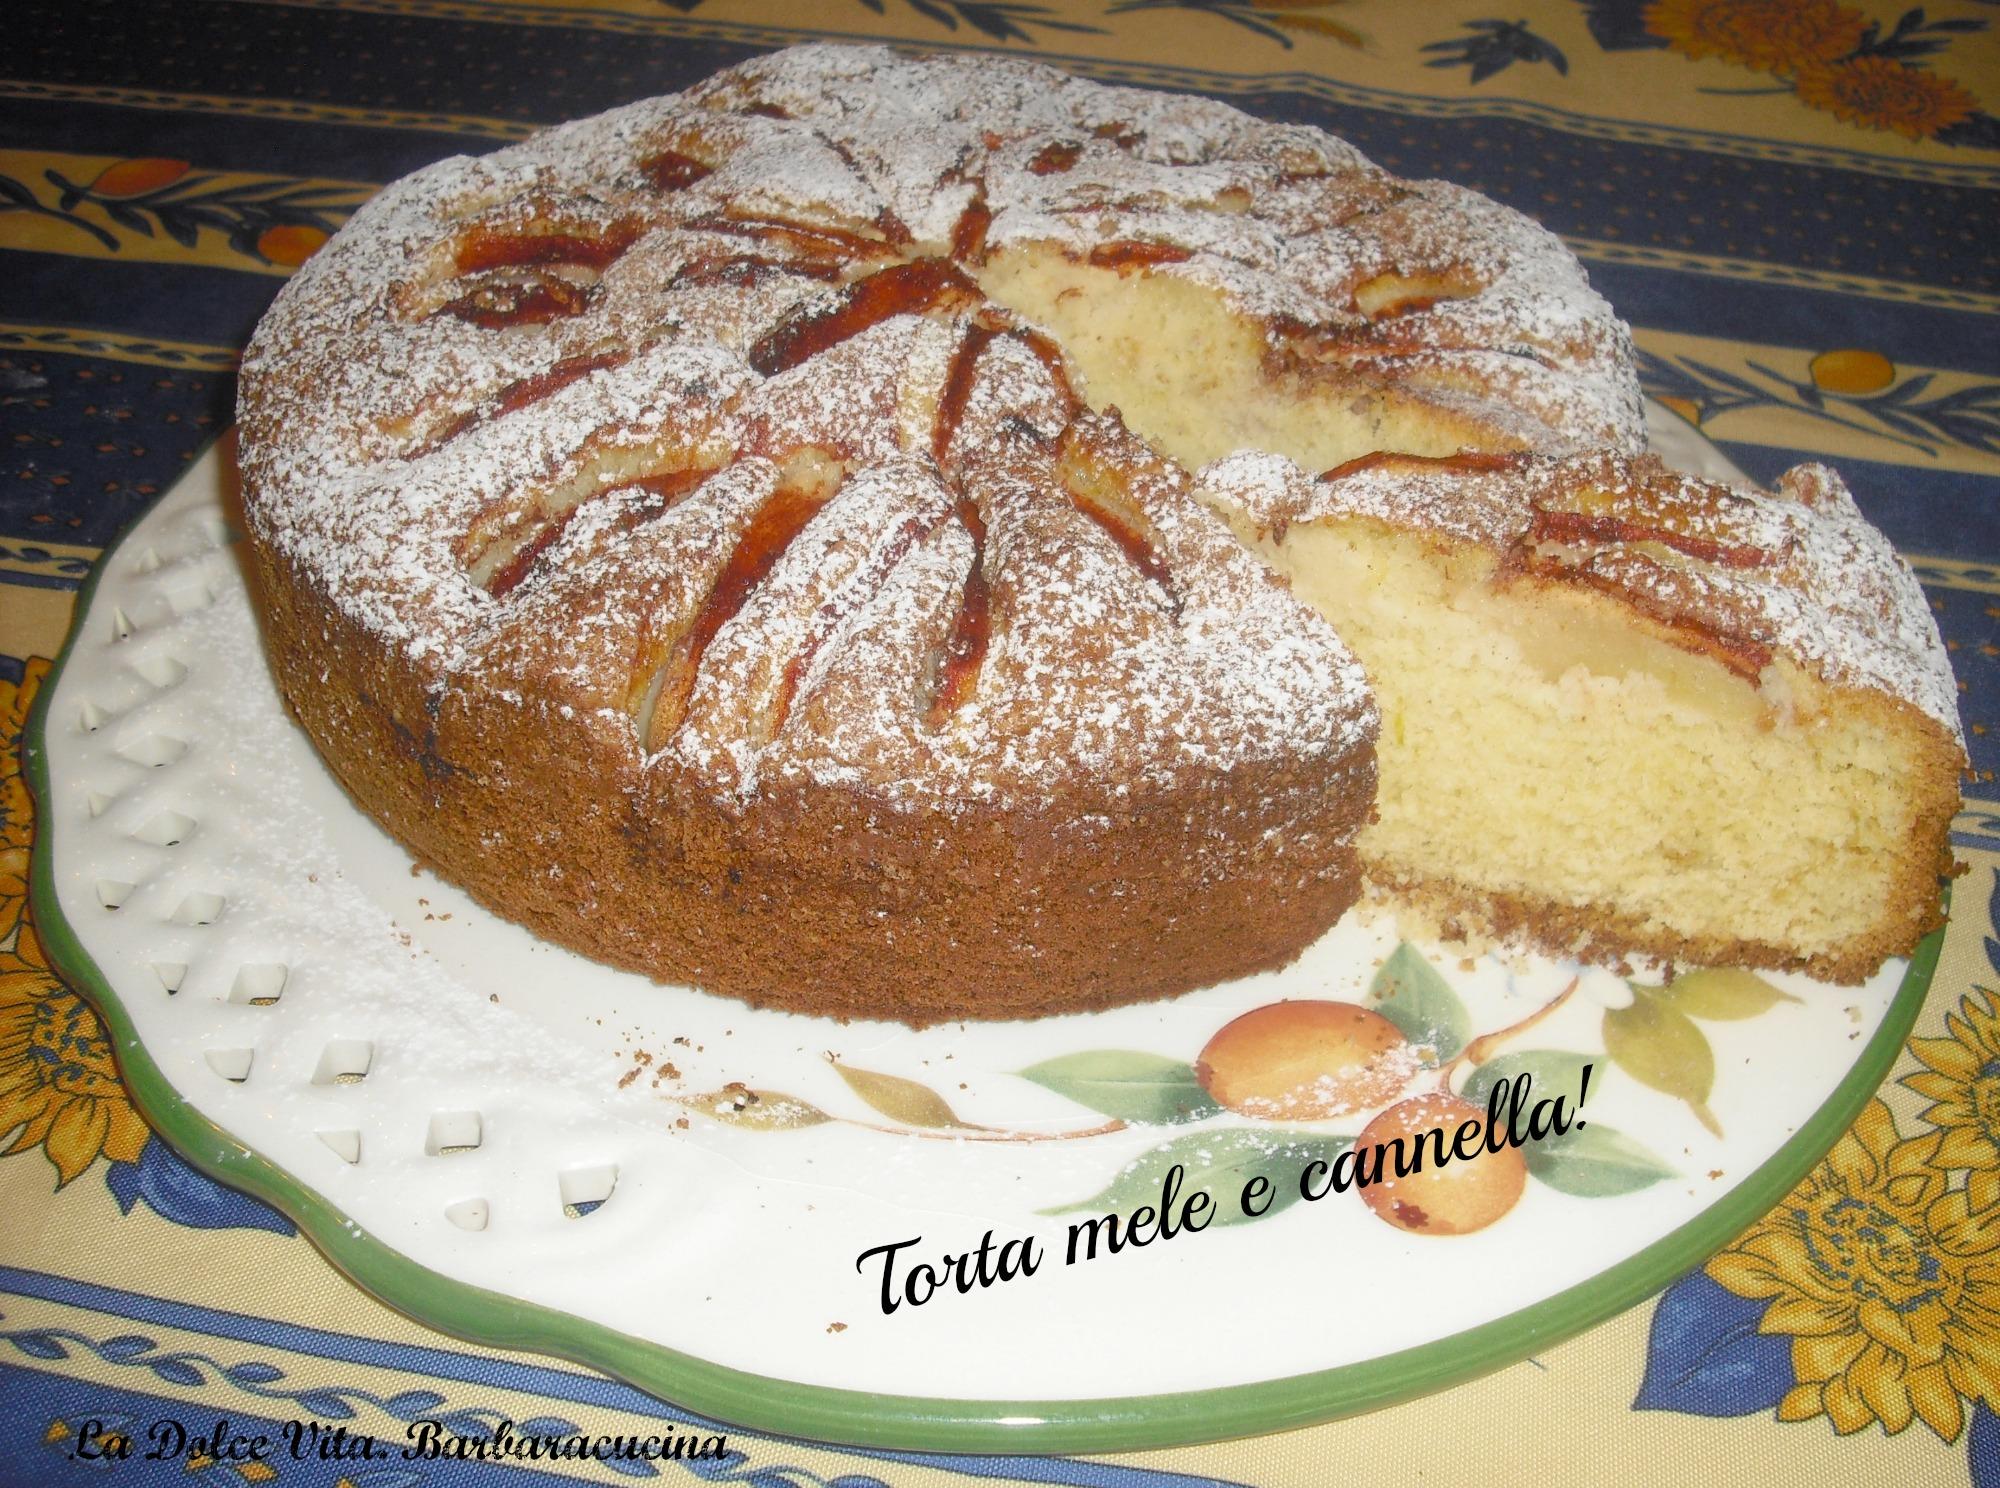 torta mele e cannella 3